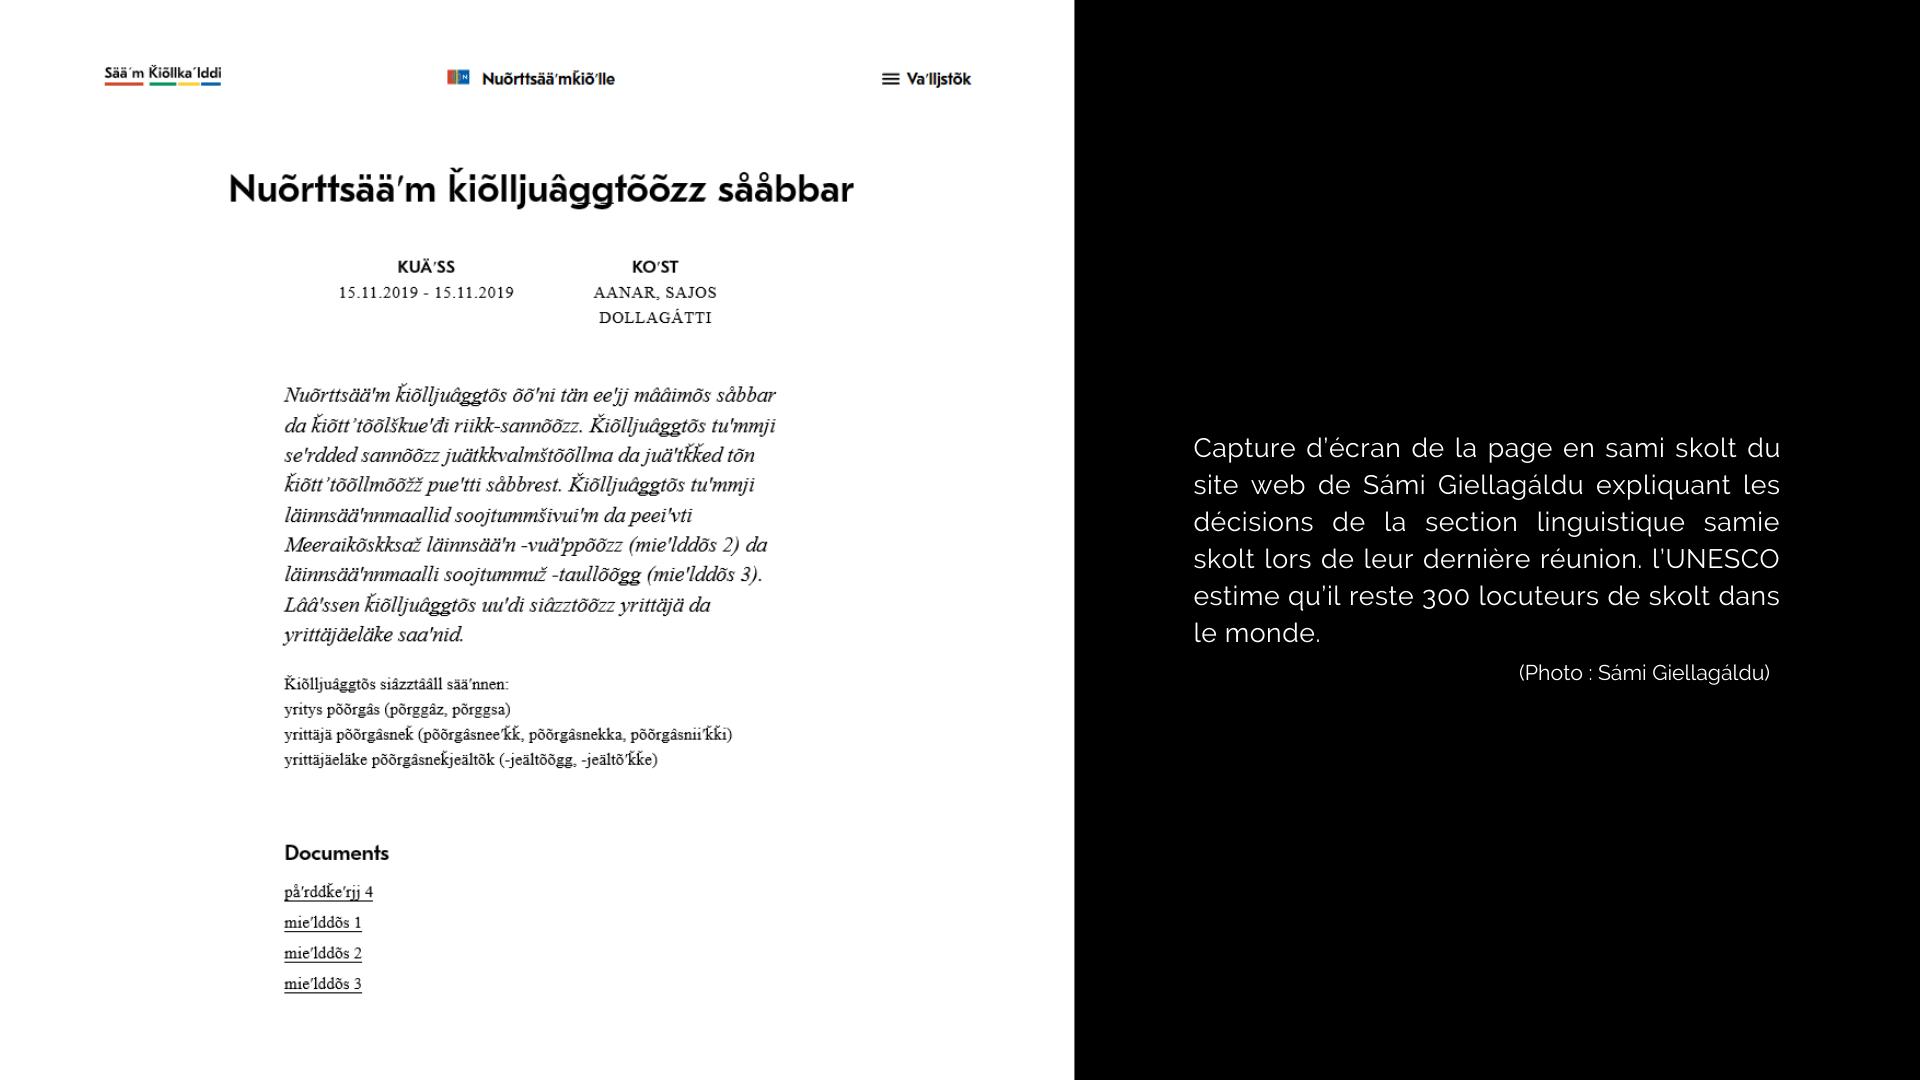 Capture d'écran de la page en sami skolt du site web de Sámi Giellagáldu expliquant les décisions de la section linguistique samie skolt lors de leur dernière réunion. L'UNESCO estime qu'il reste 300 locuteurs de skolt dans le monde. (photo: Sámi Giellagáldu)